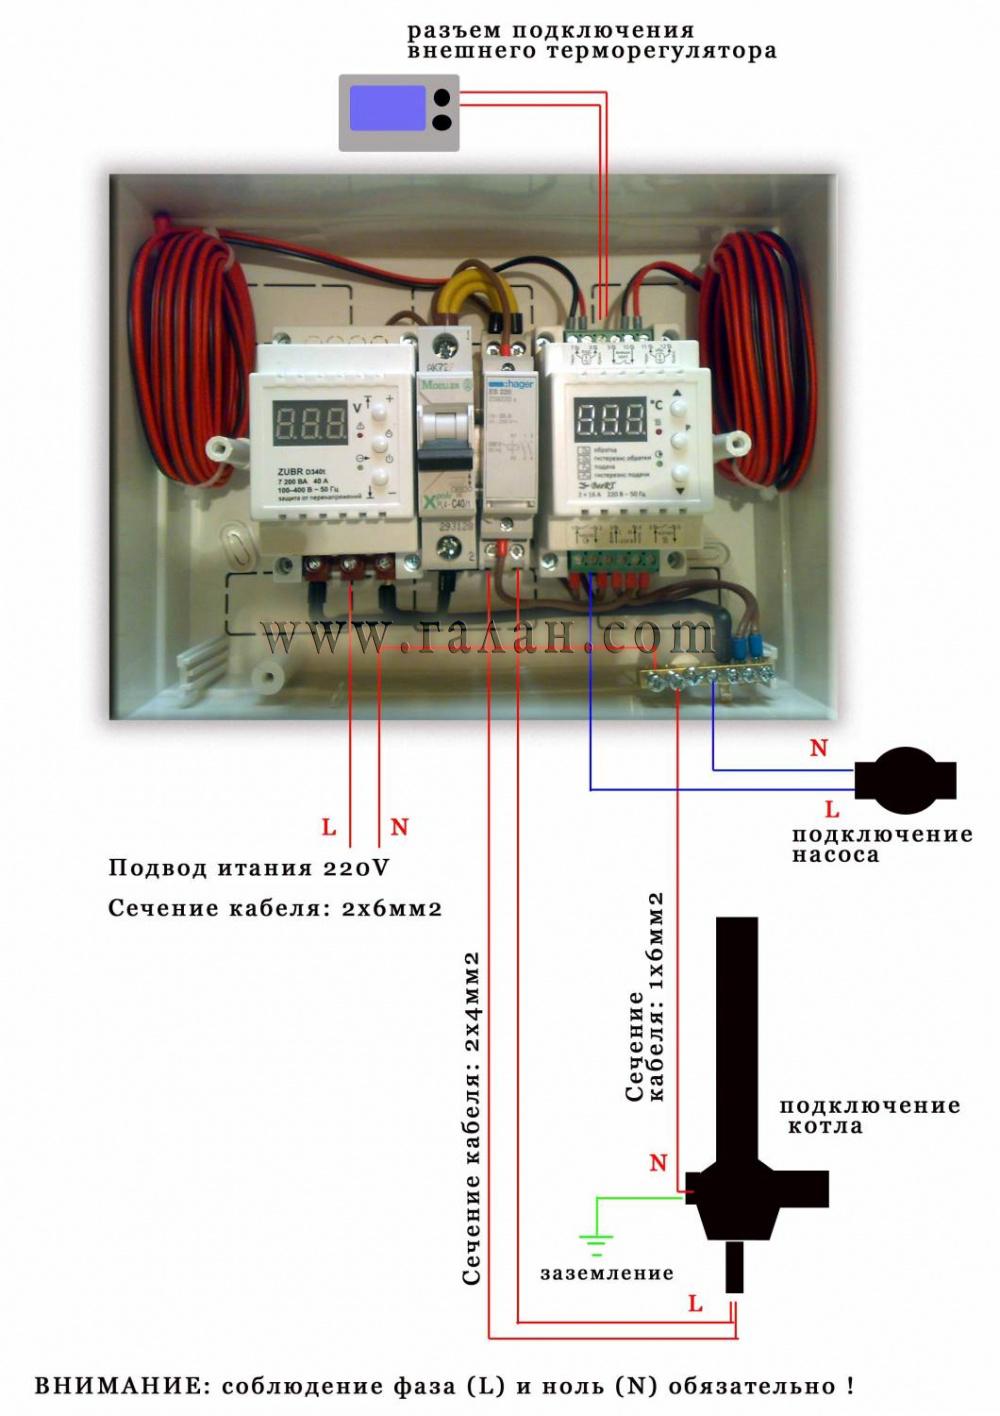 Схема подключения электродного котла своими руками